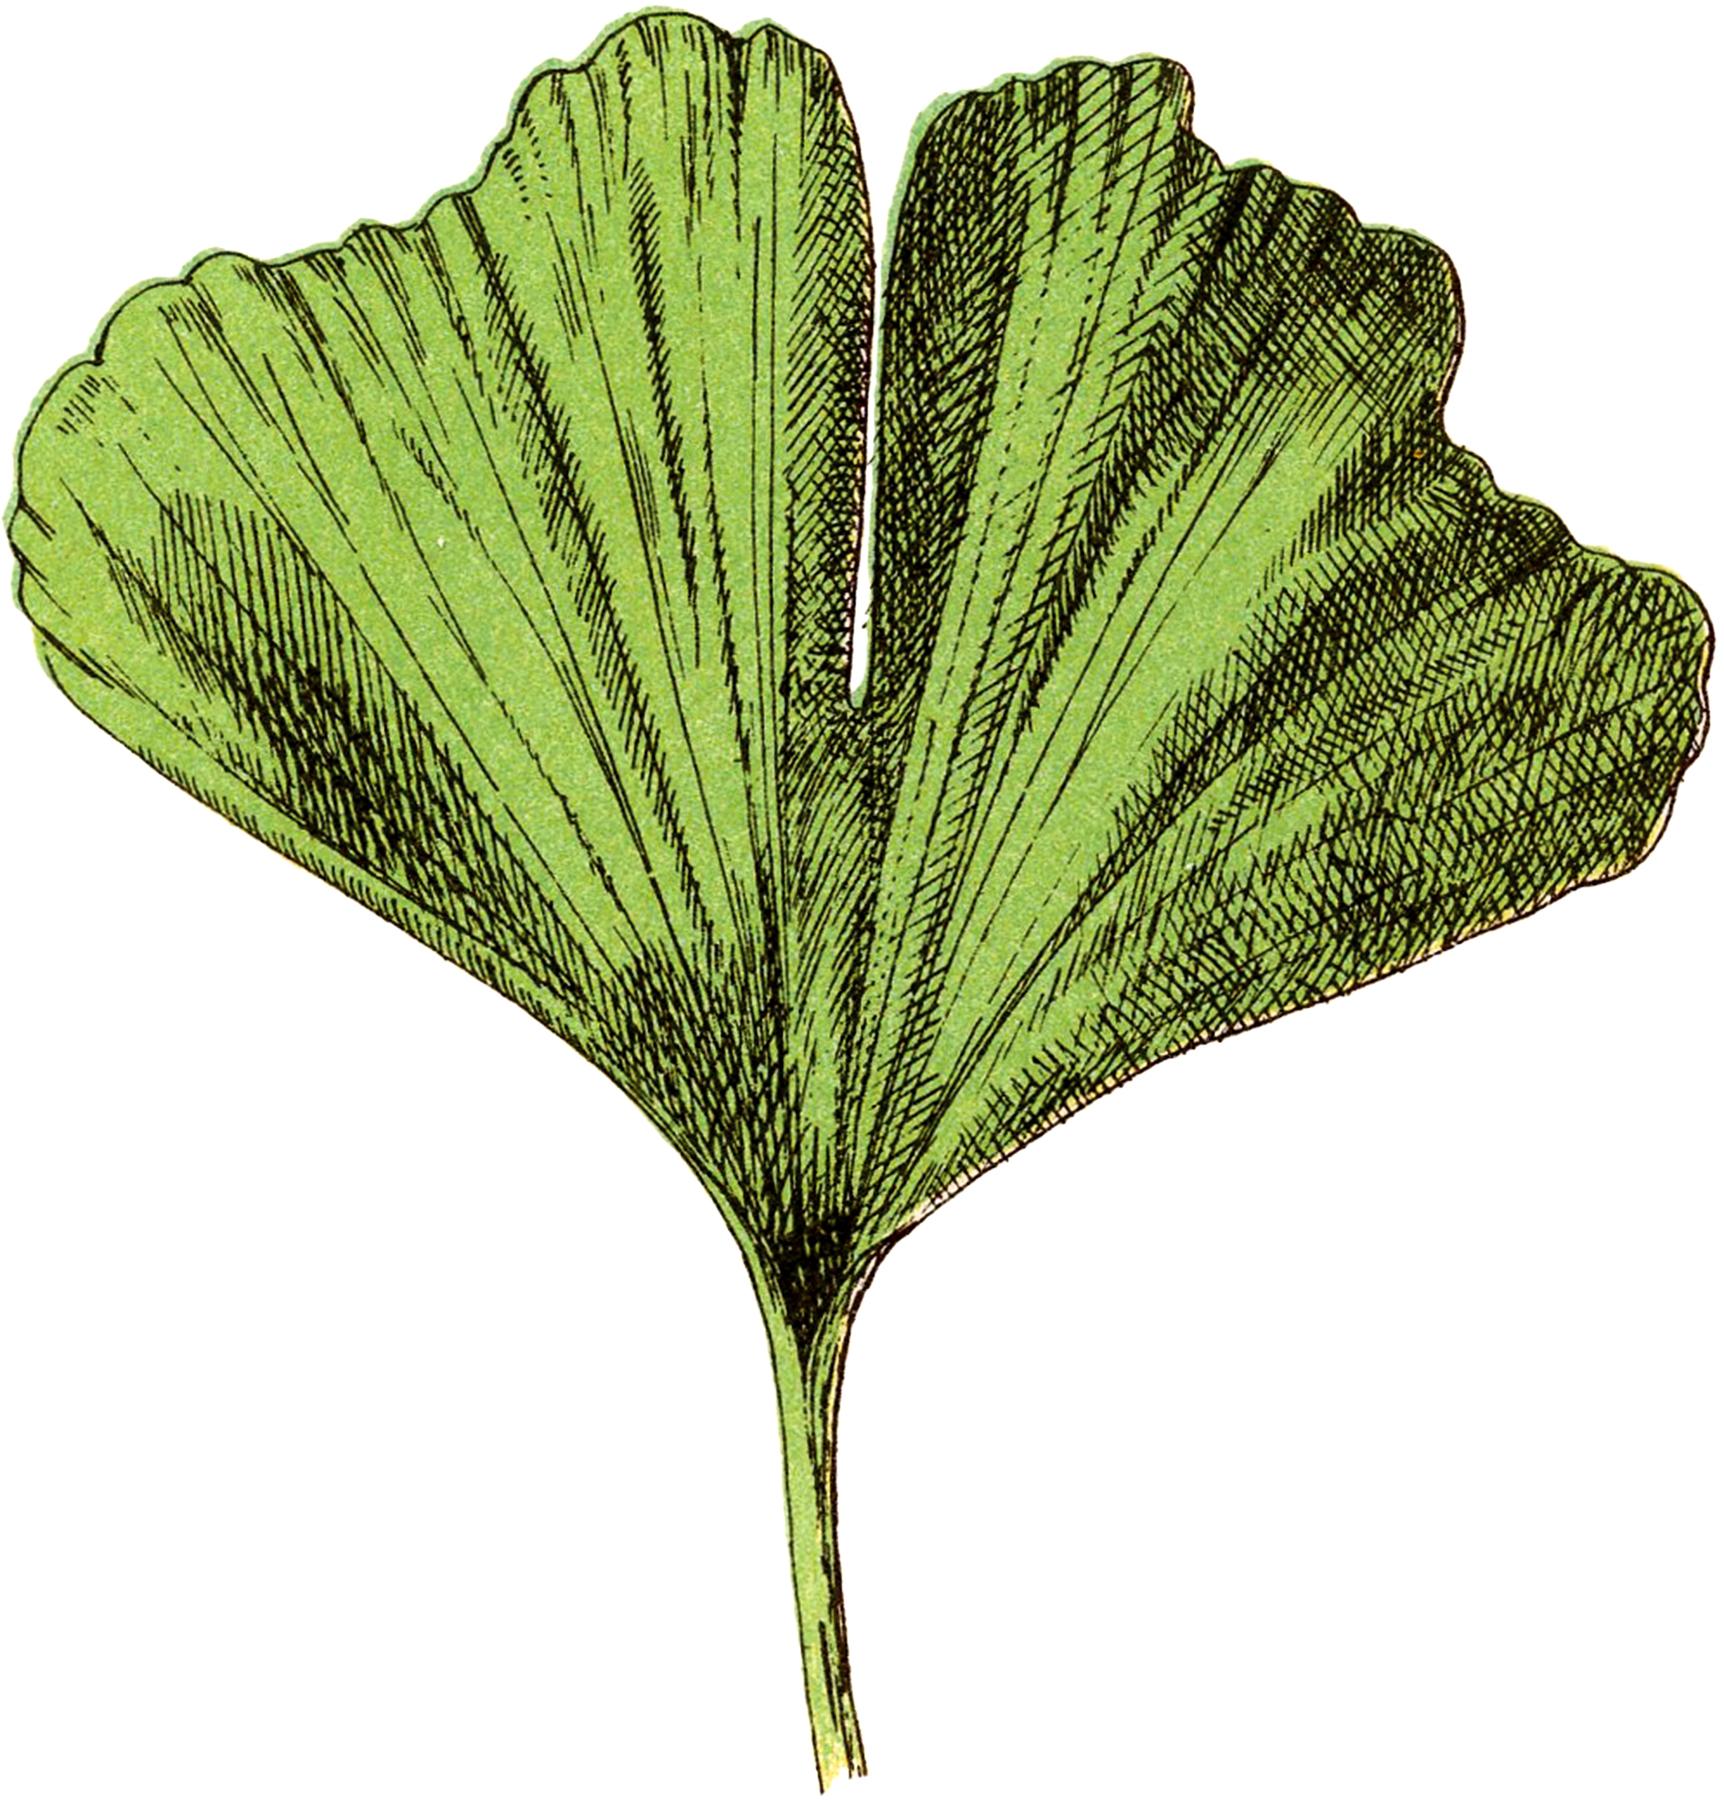 Free Ginkgo Leaf Image